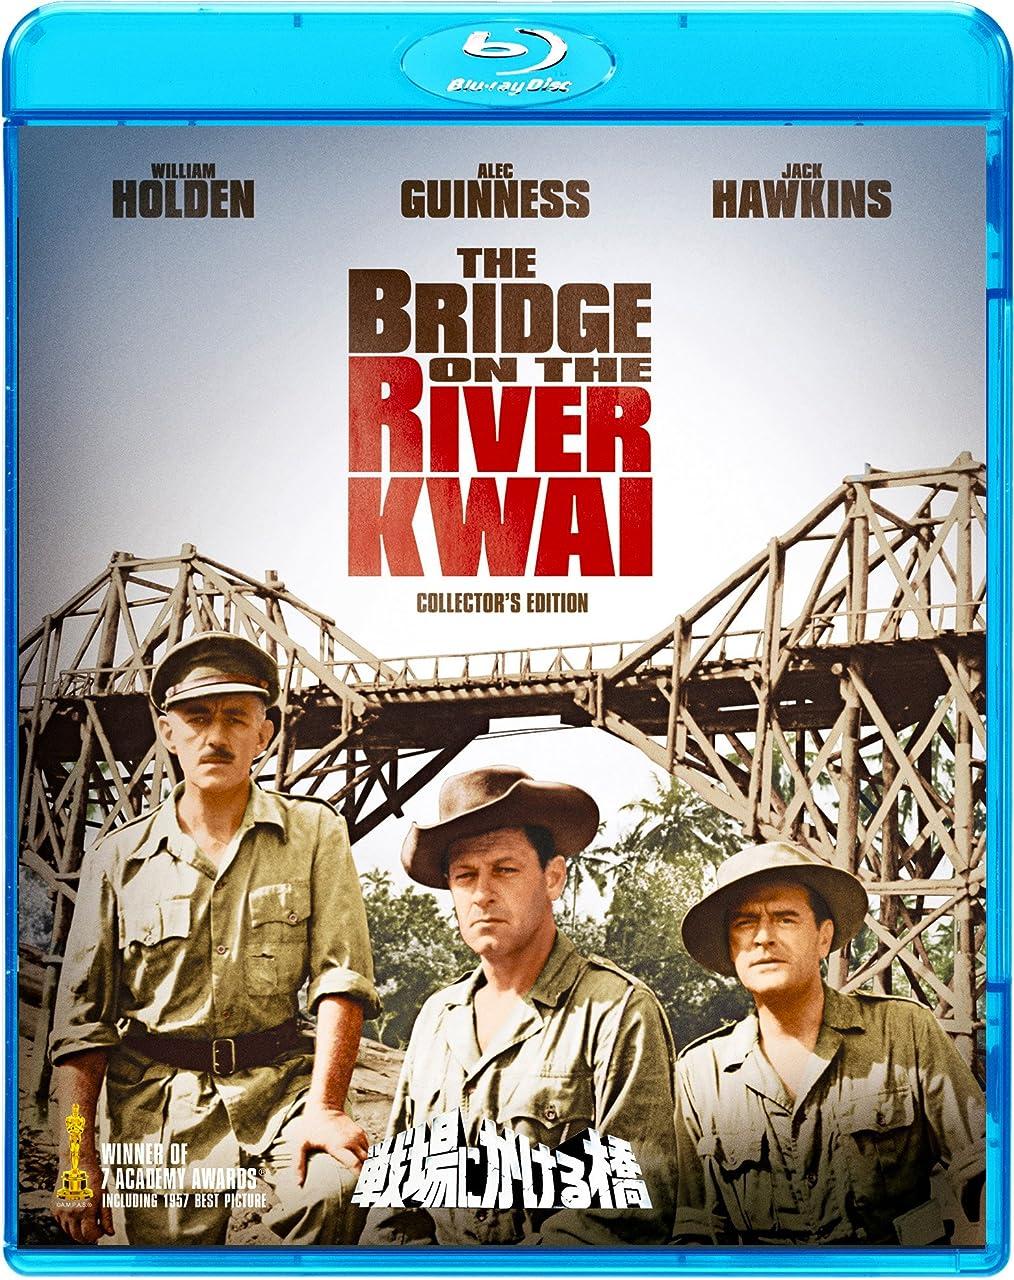 先史時代のホイップ認証戦場にかける橋 HDデジタルリマスター版 [Blu-ray]